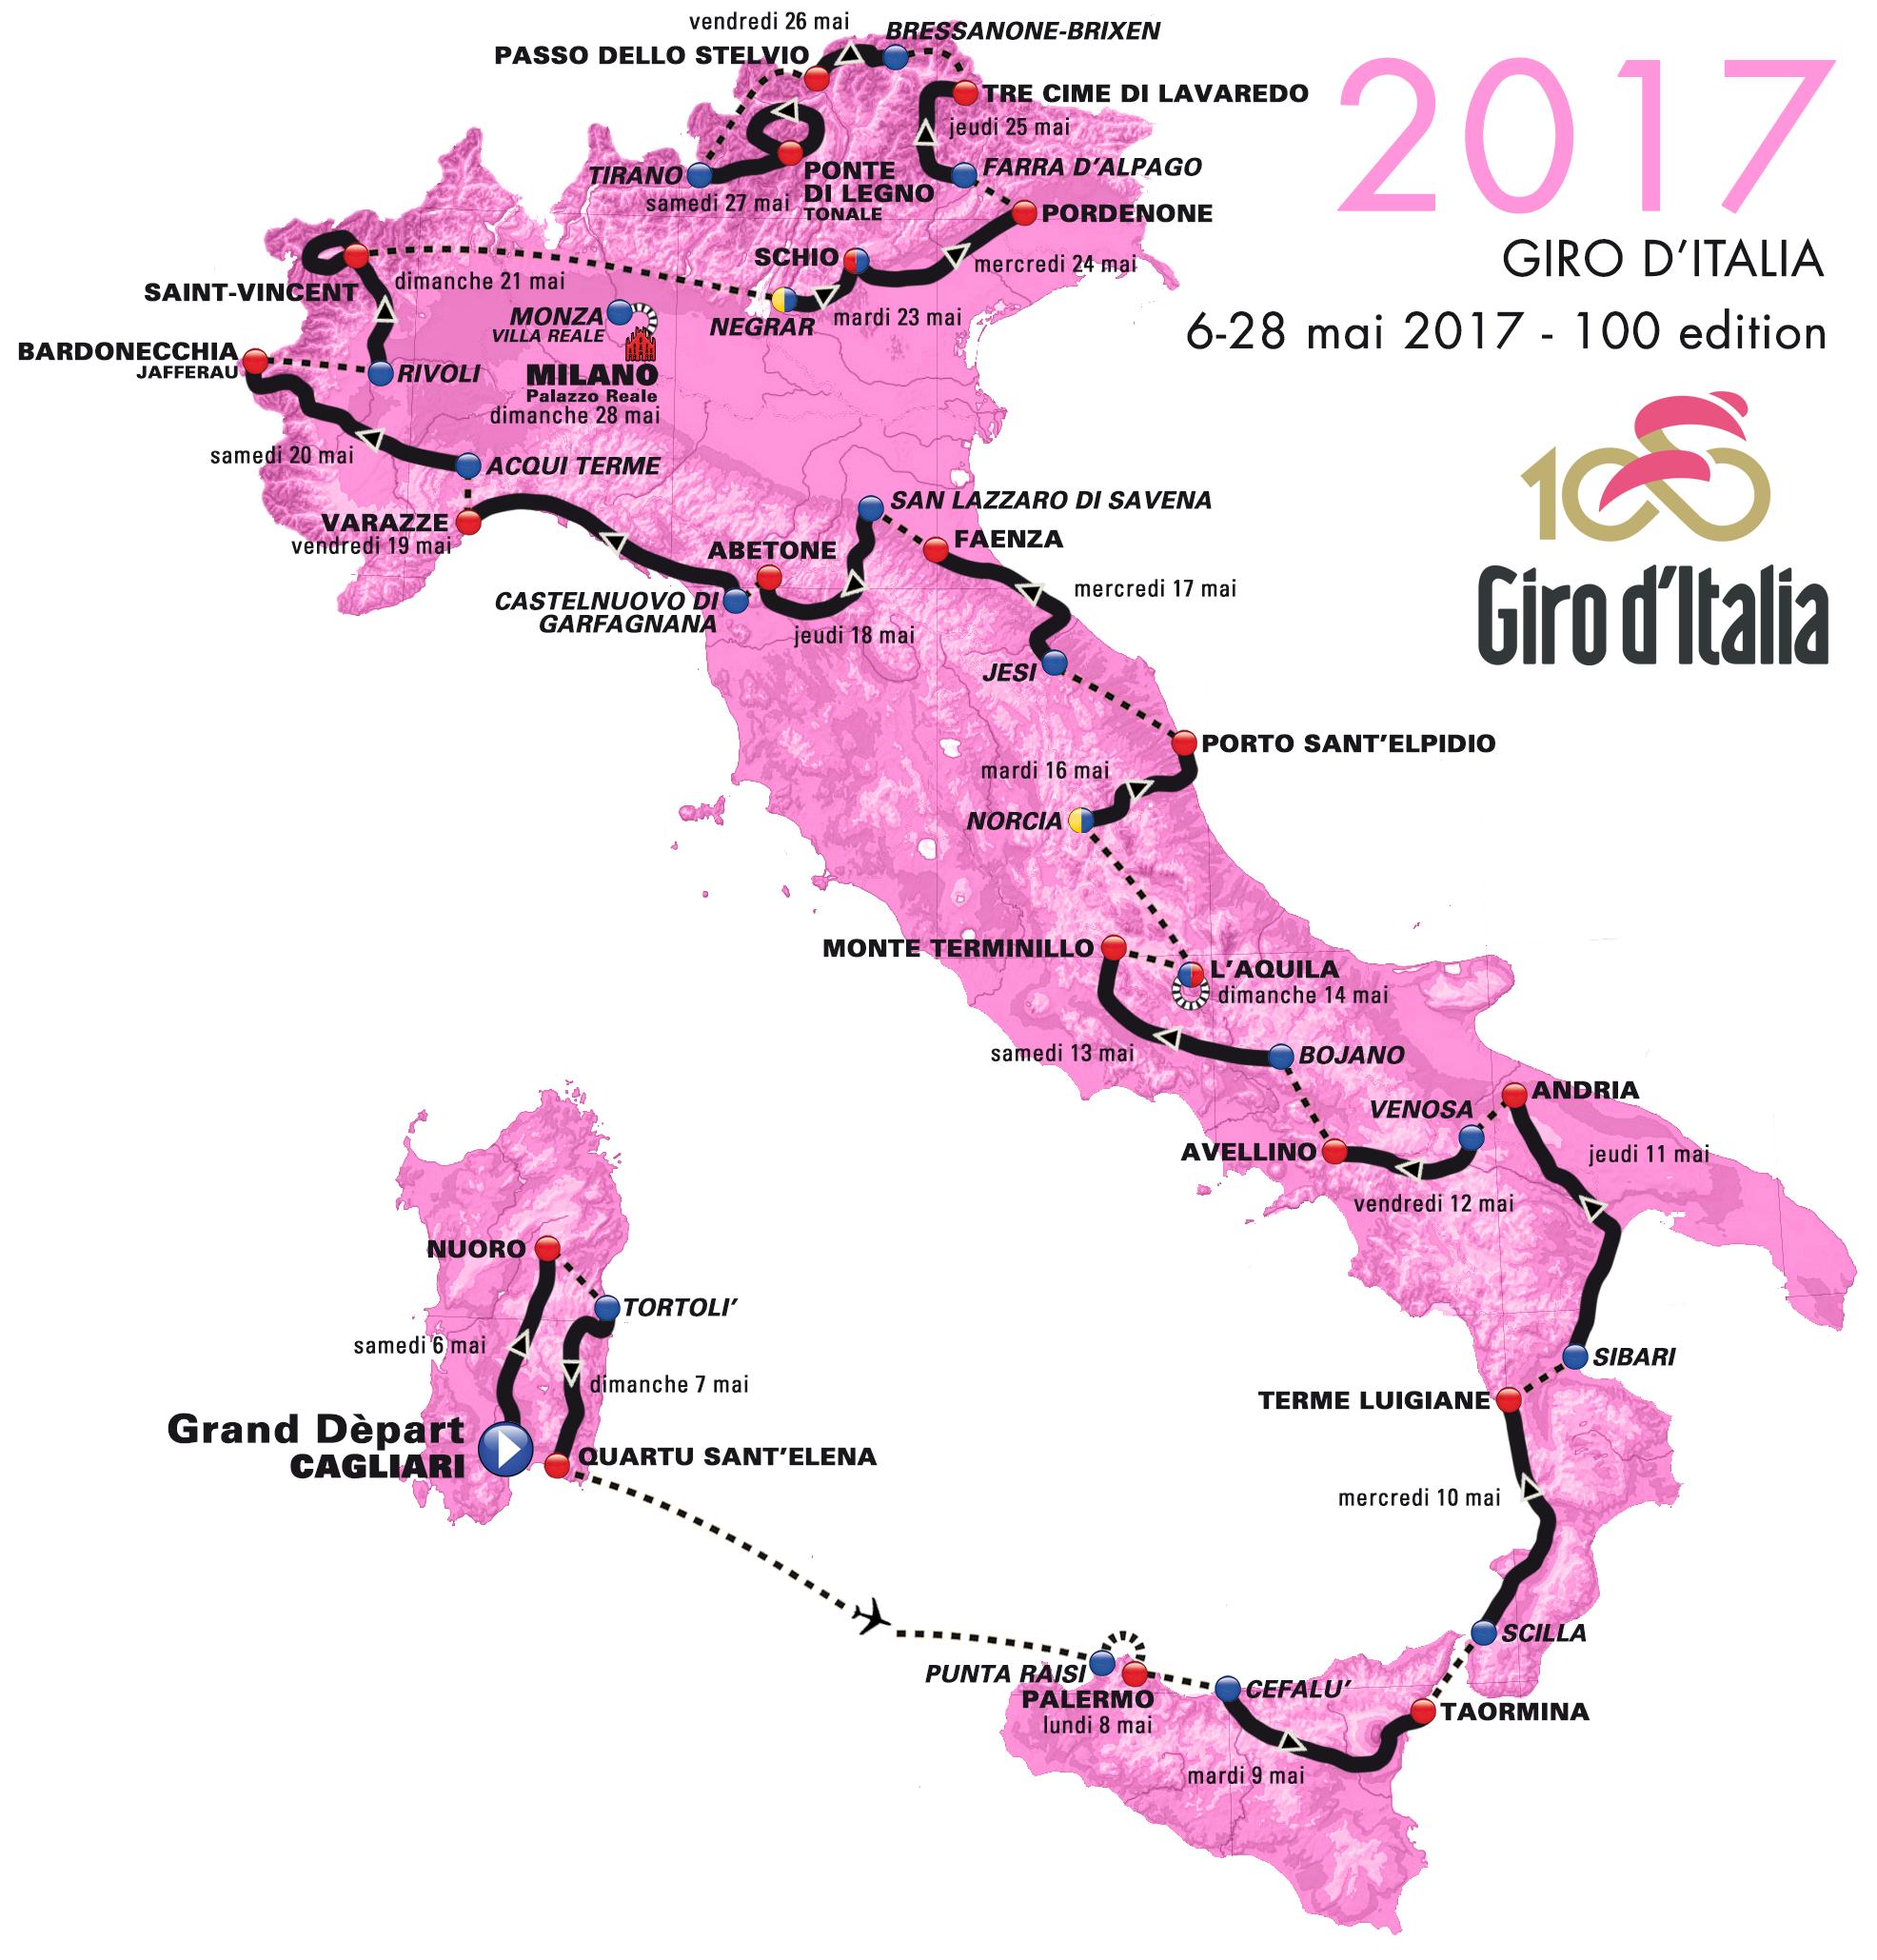 Cartina Percorso Giro D Italia 2017.Percorso Giro D Italia 2017 E Se I Francesi